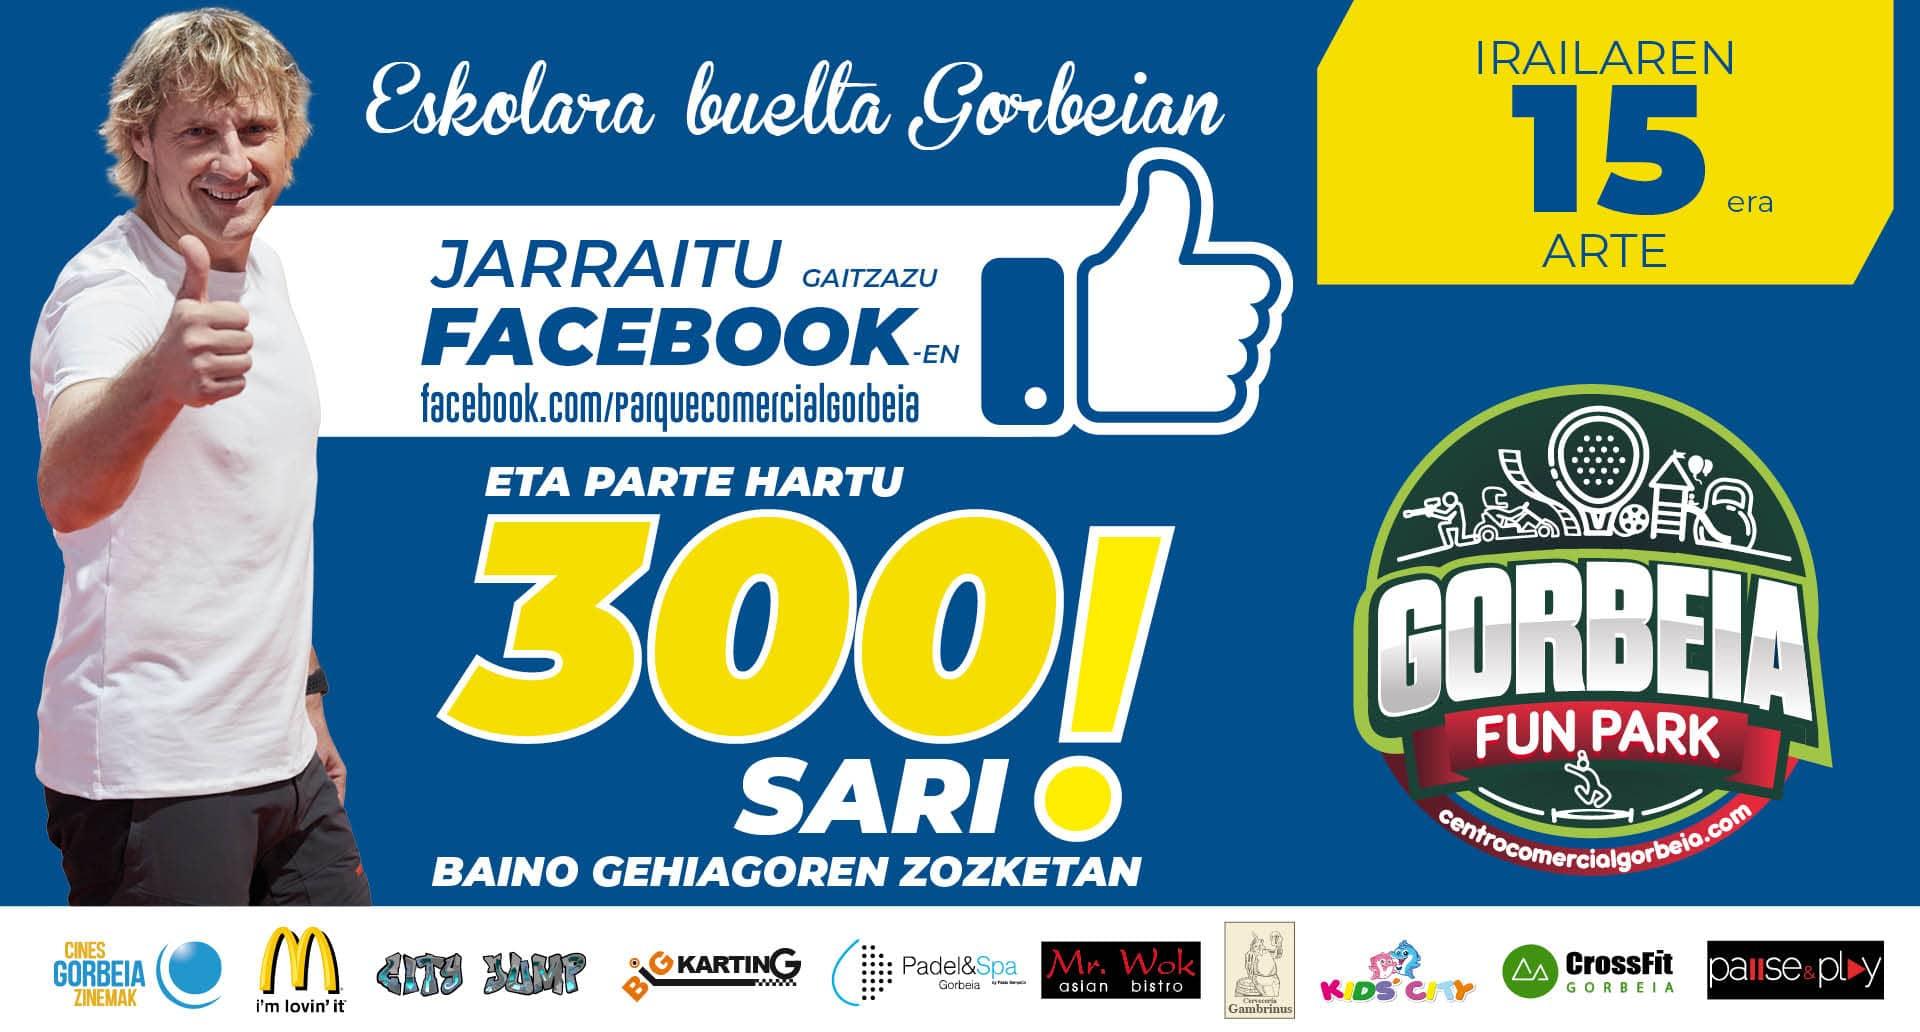 300 sari baino gehiago zozkatuko ditugu gure Facebook-eko orrialdean!